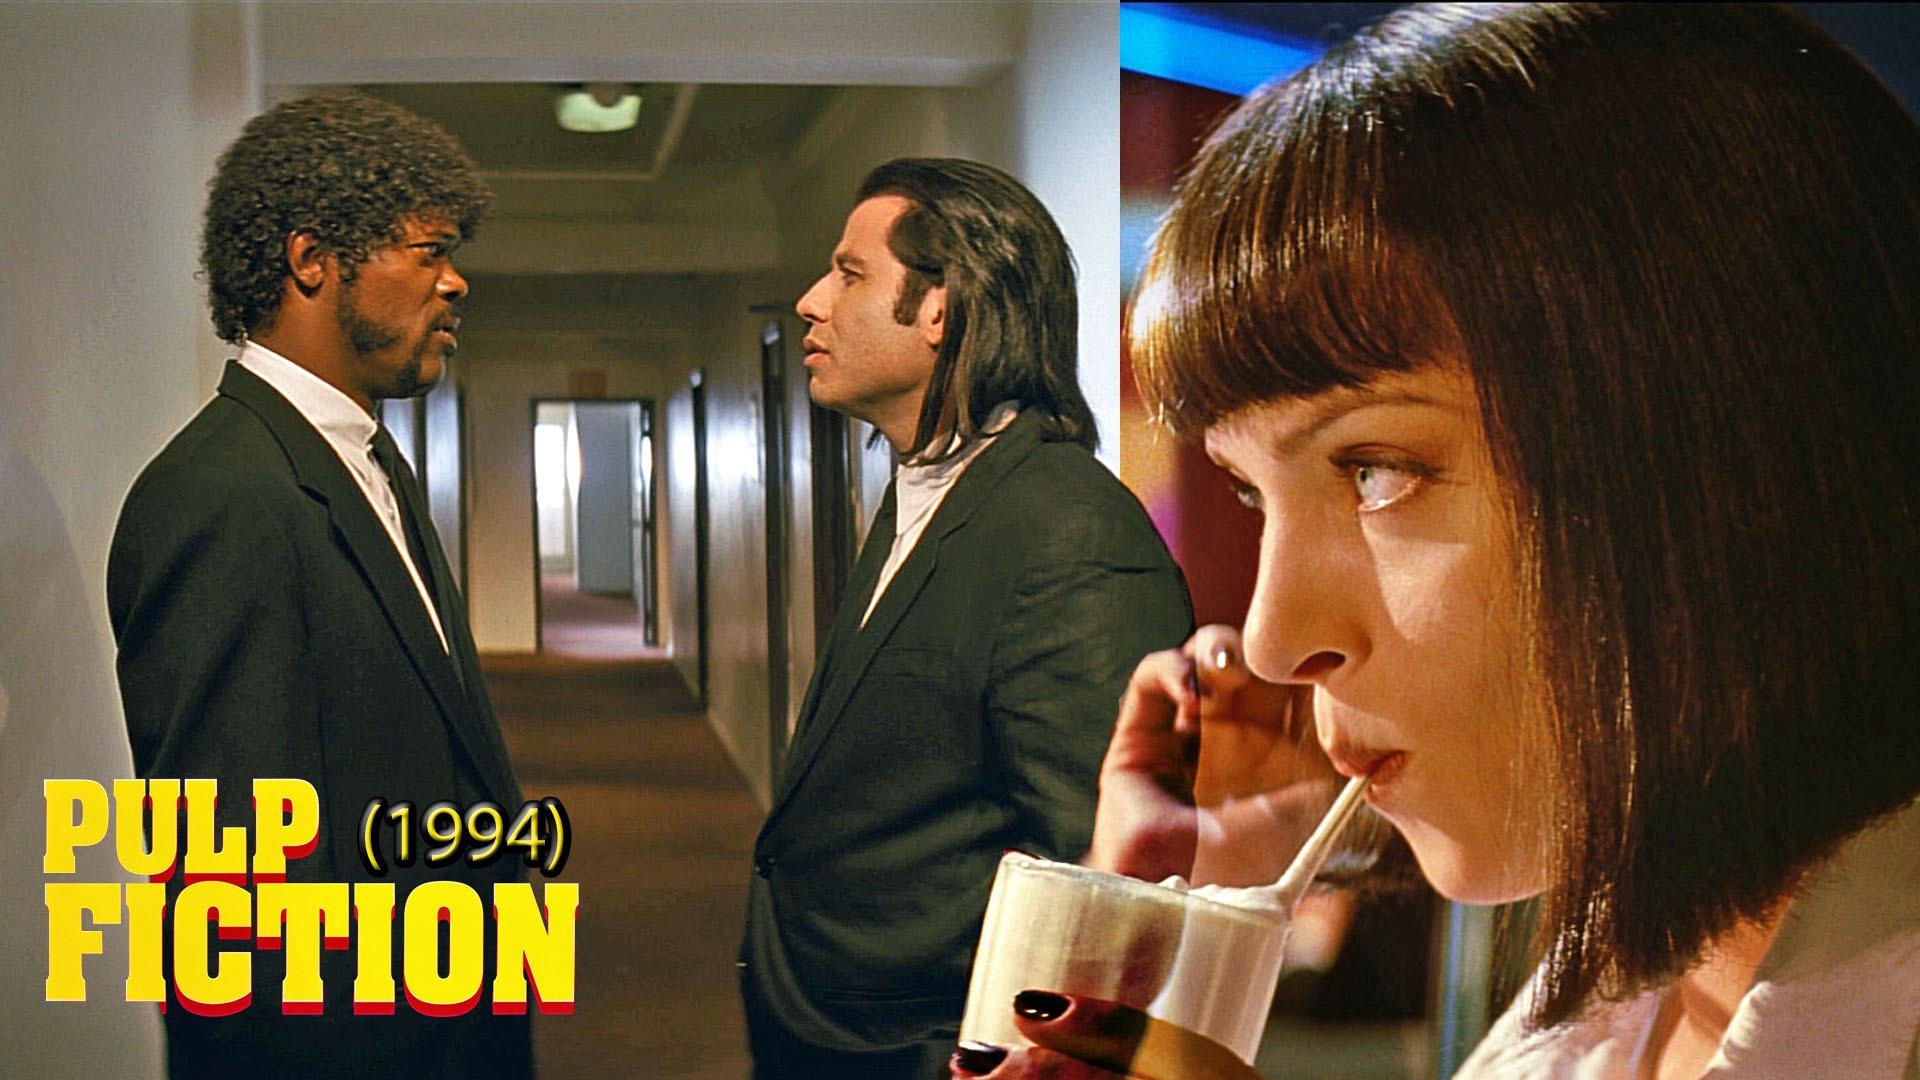 10 coisas que talvez você não saiba sobre Pulp Fiction